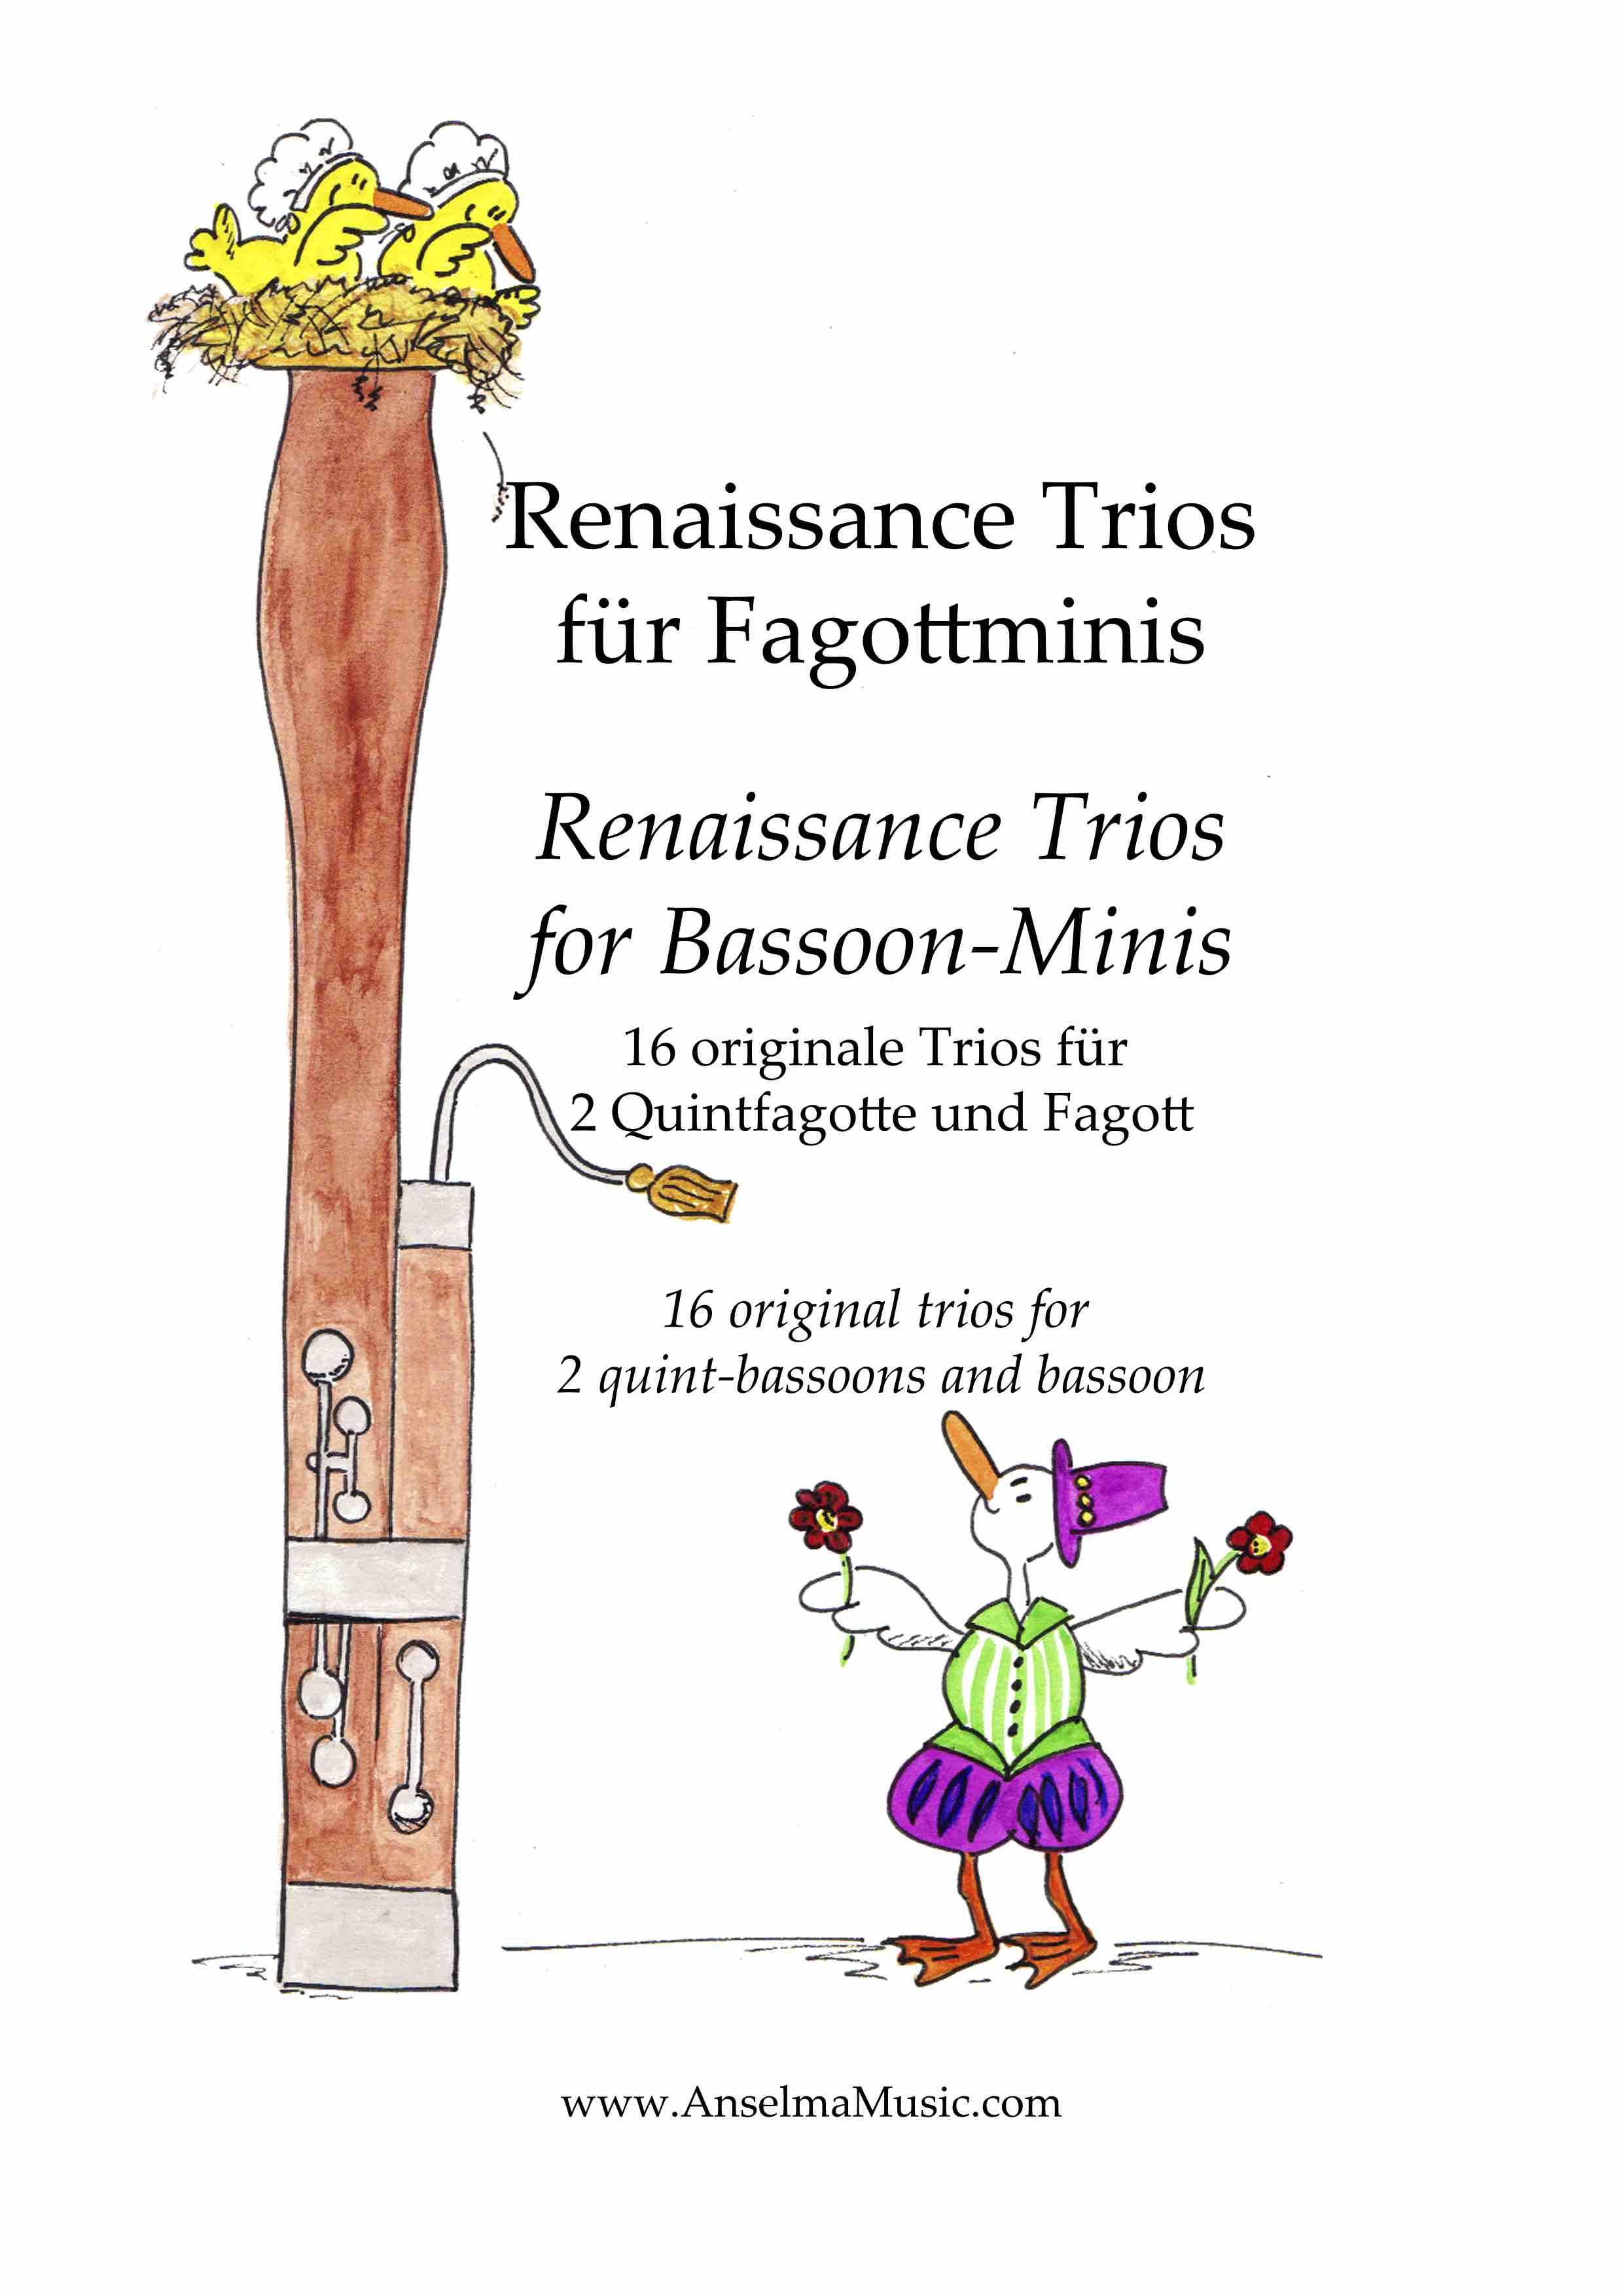 Renaissance Trios fuer Fagottminis QUINT Bassoon Trio Fagottino